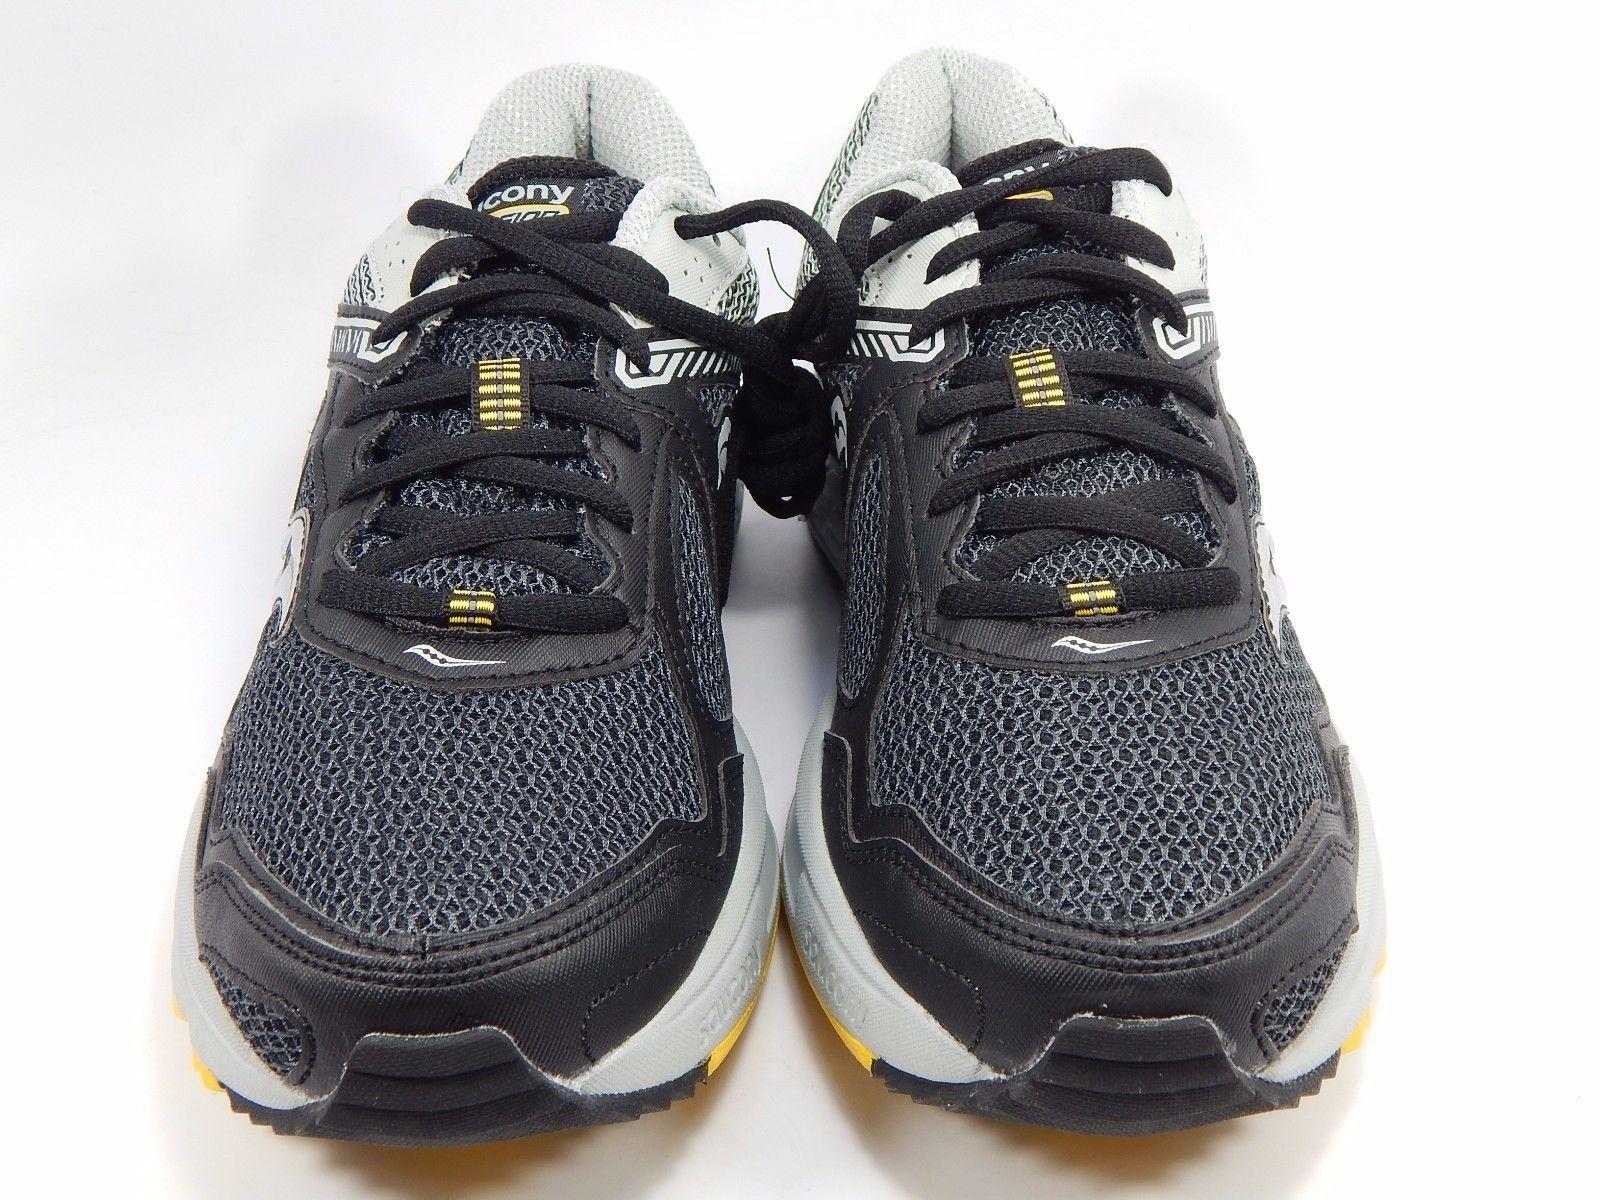 Saucony Grid Cohesion TR10 Men's Trail Running Shoes Sz 9 M (D) EU 42.5 S25339-1